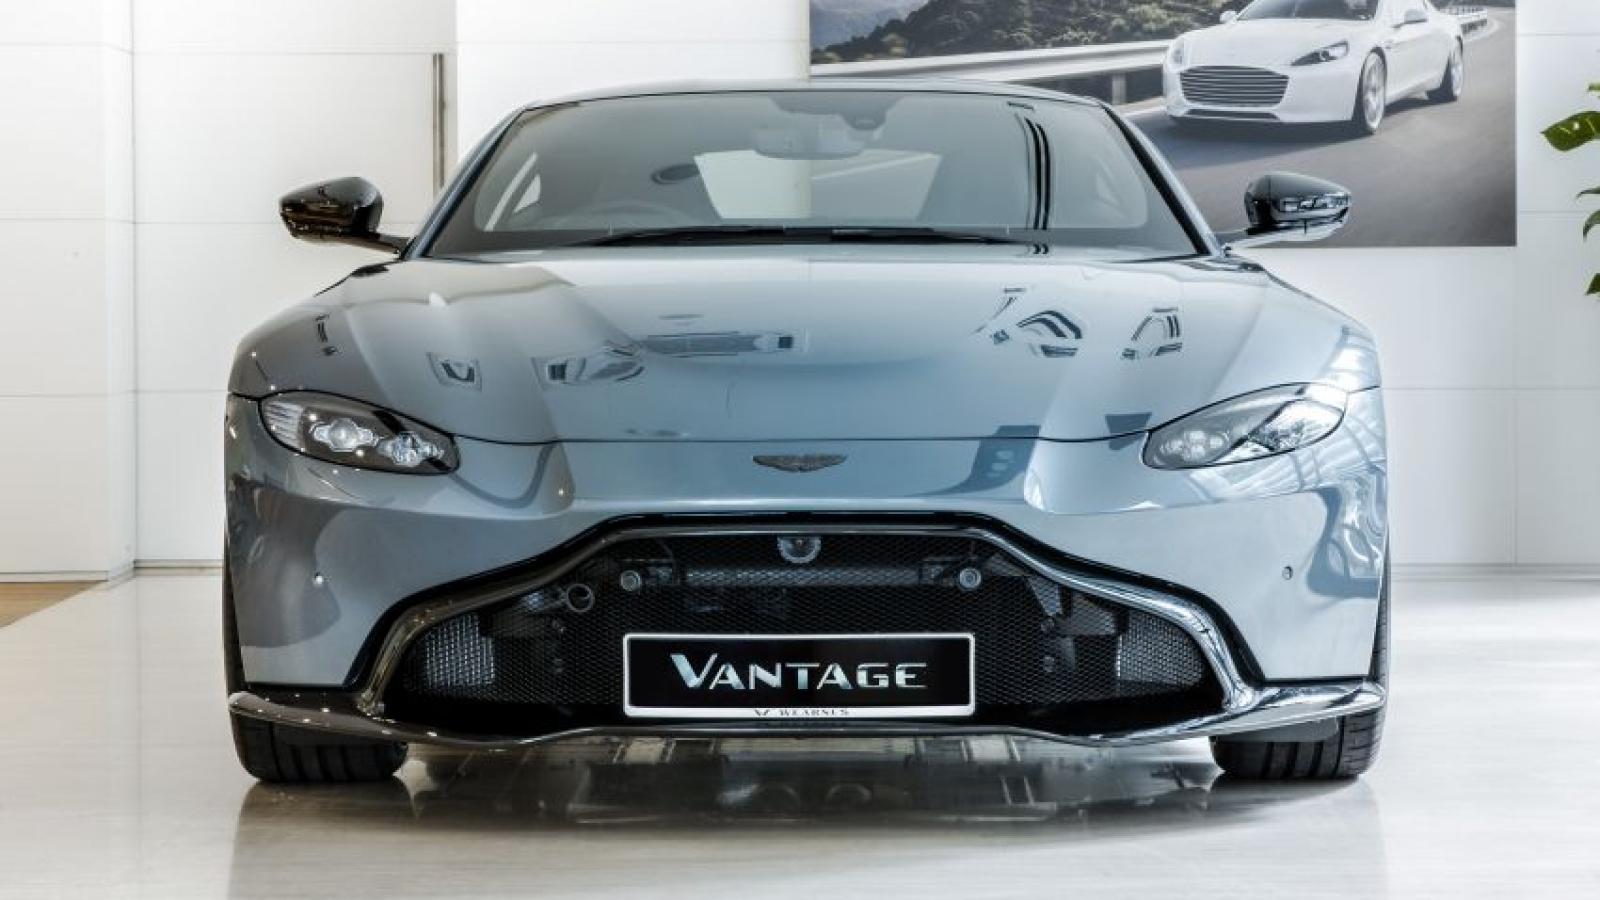 Ngắm nhìn chiếc Aston Martin Vantage Dark Knight giá hơn 163.000 USD